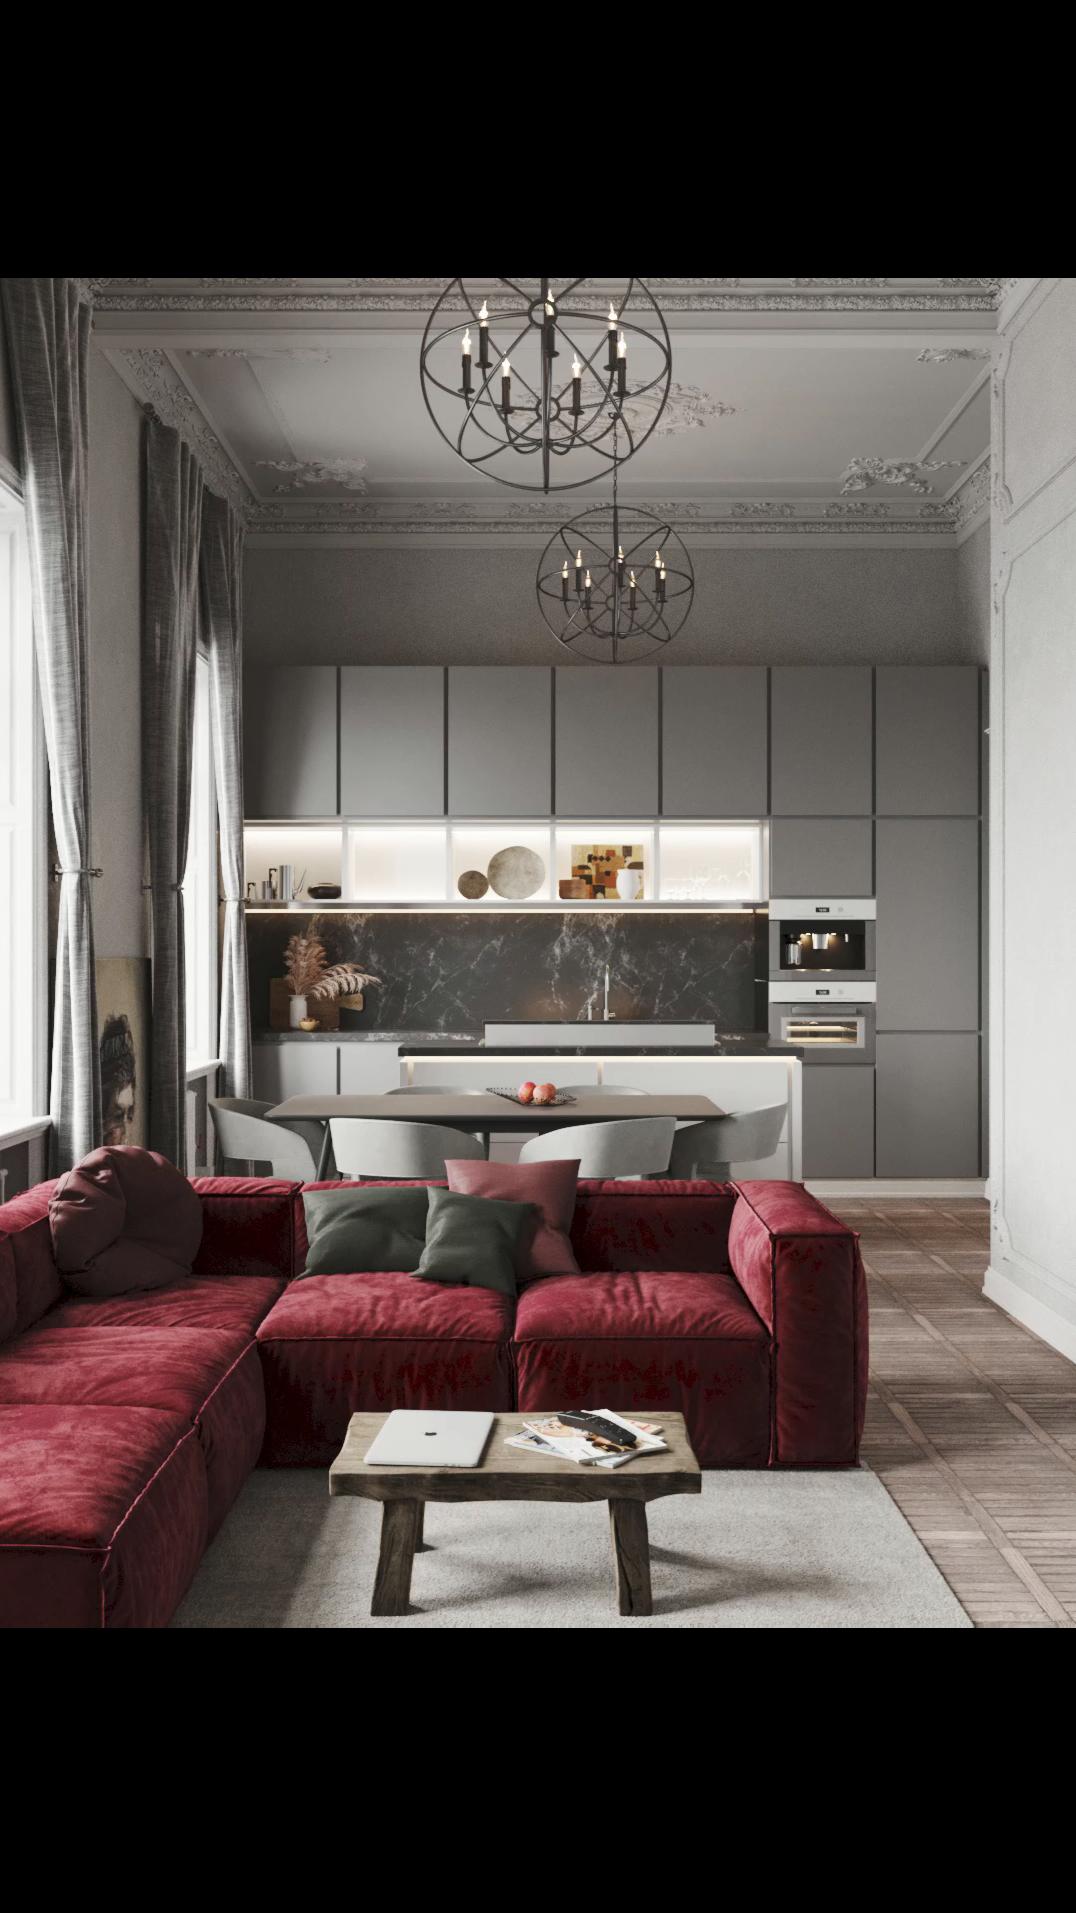 One-bedroom apartment interior design